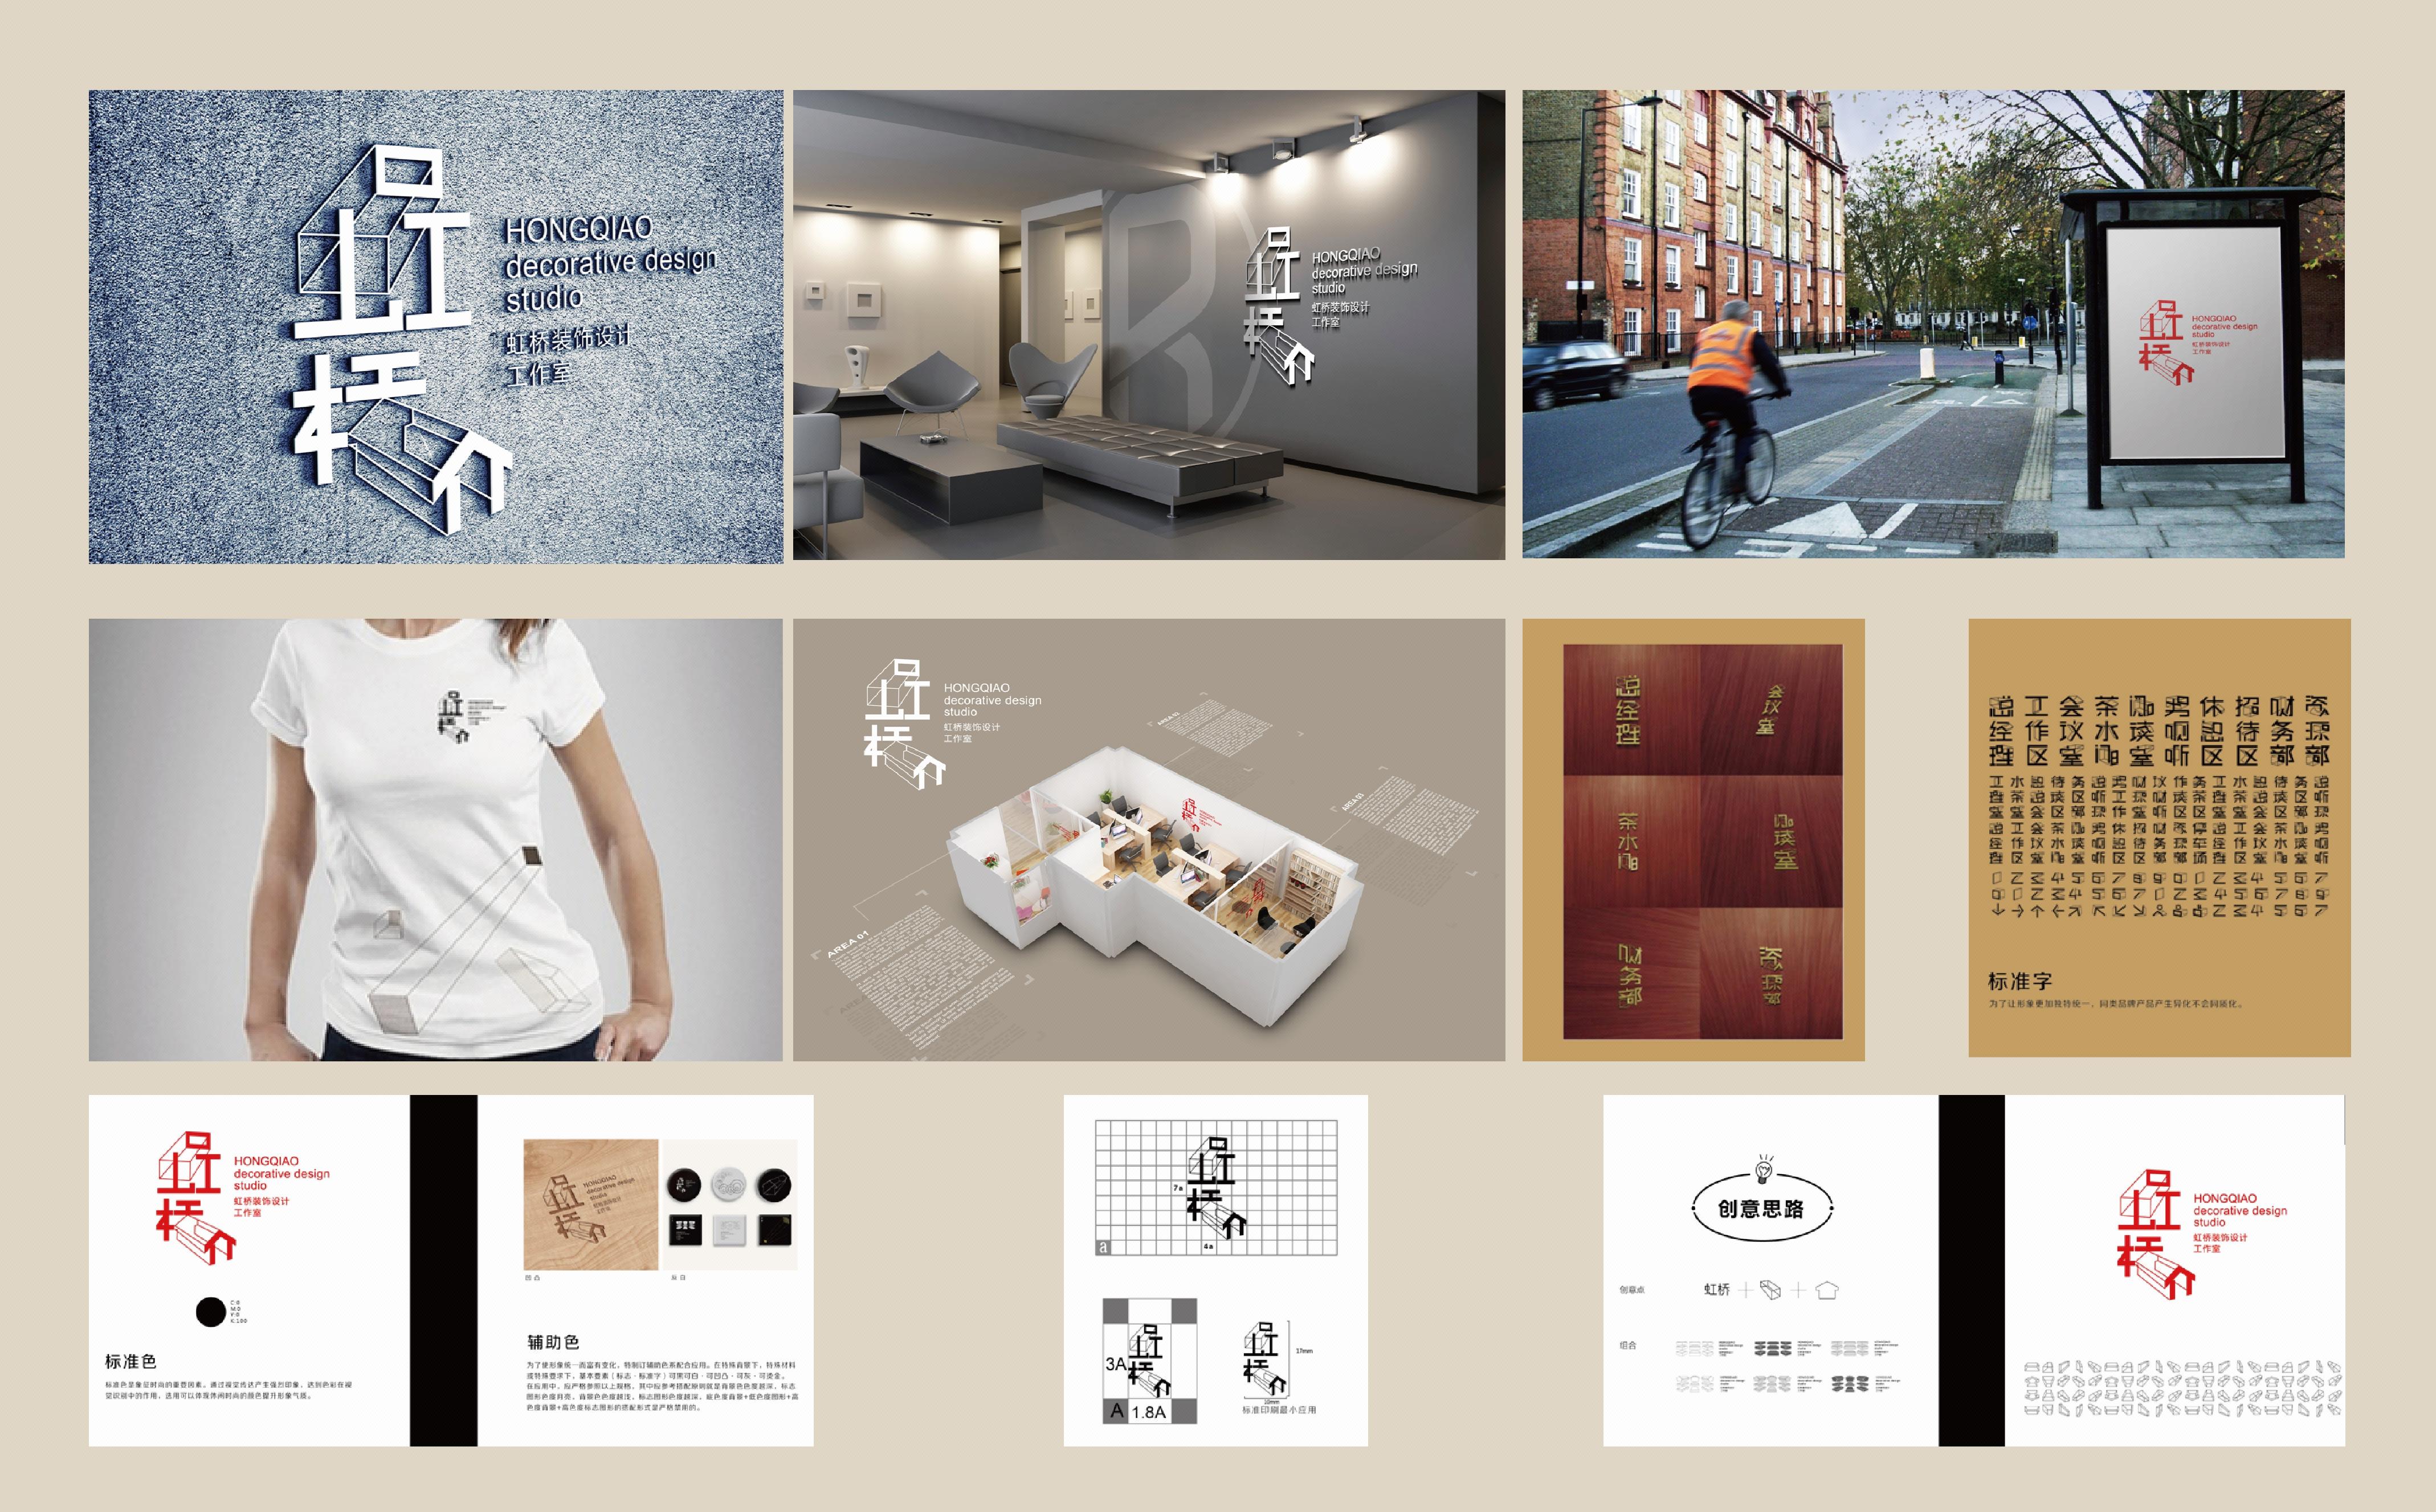 【三行应用版】VI设计VI系统形象设计工业餐饮金融食品VI